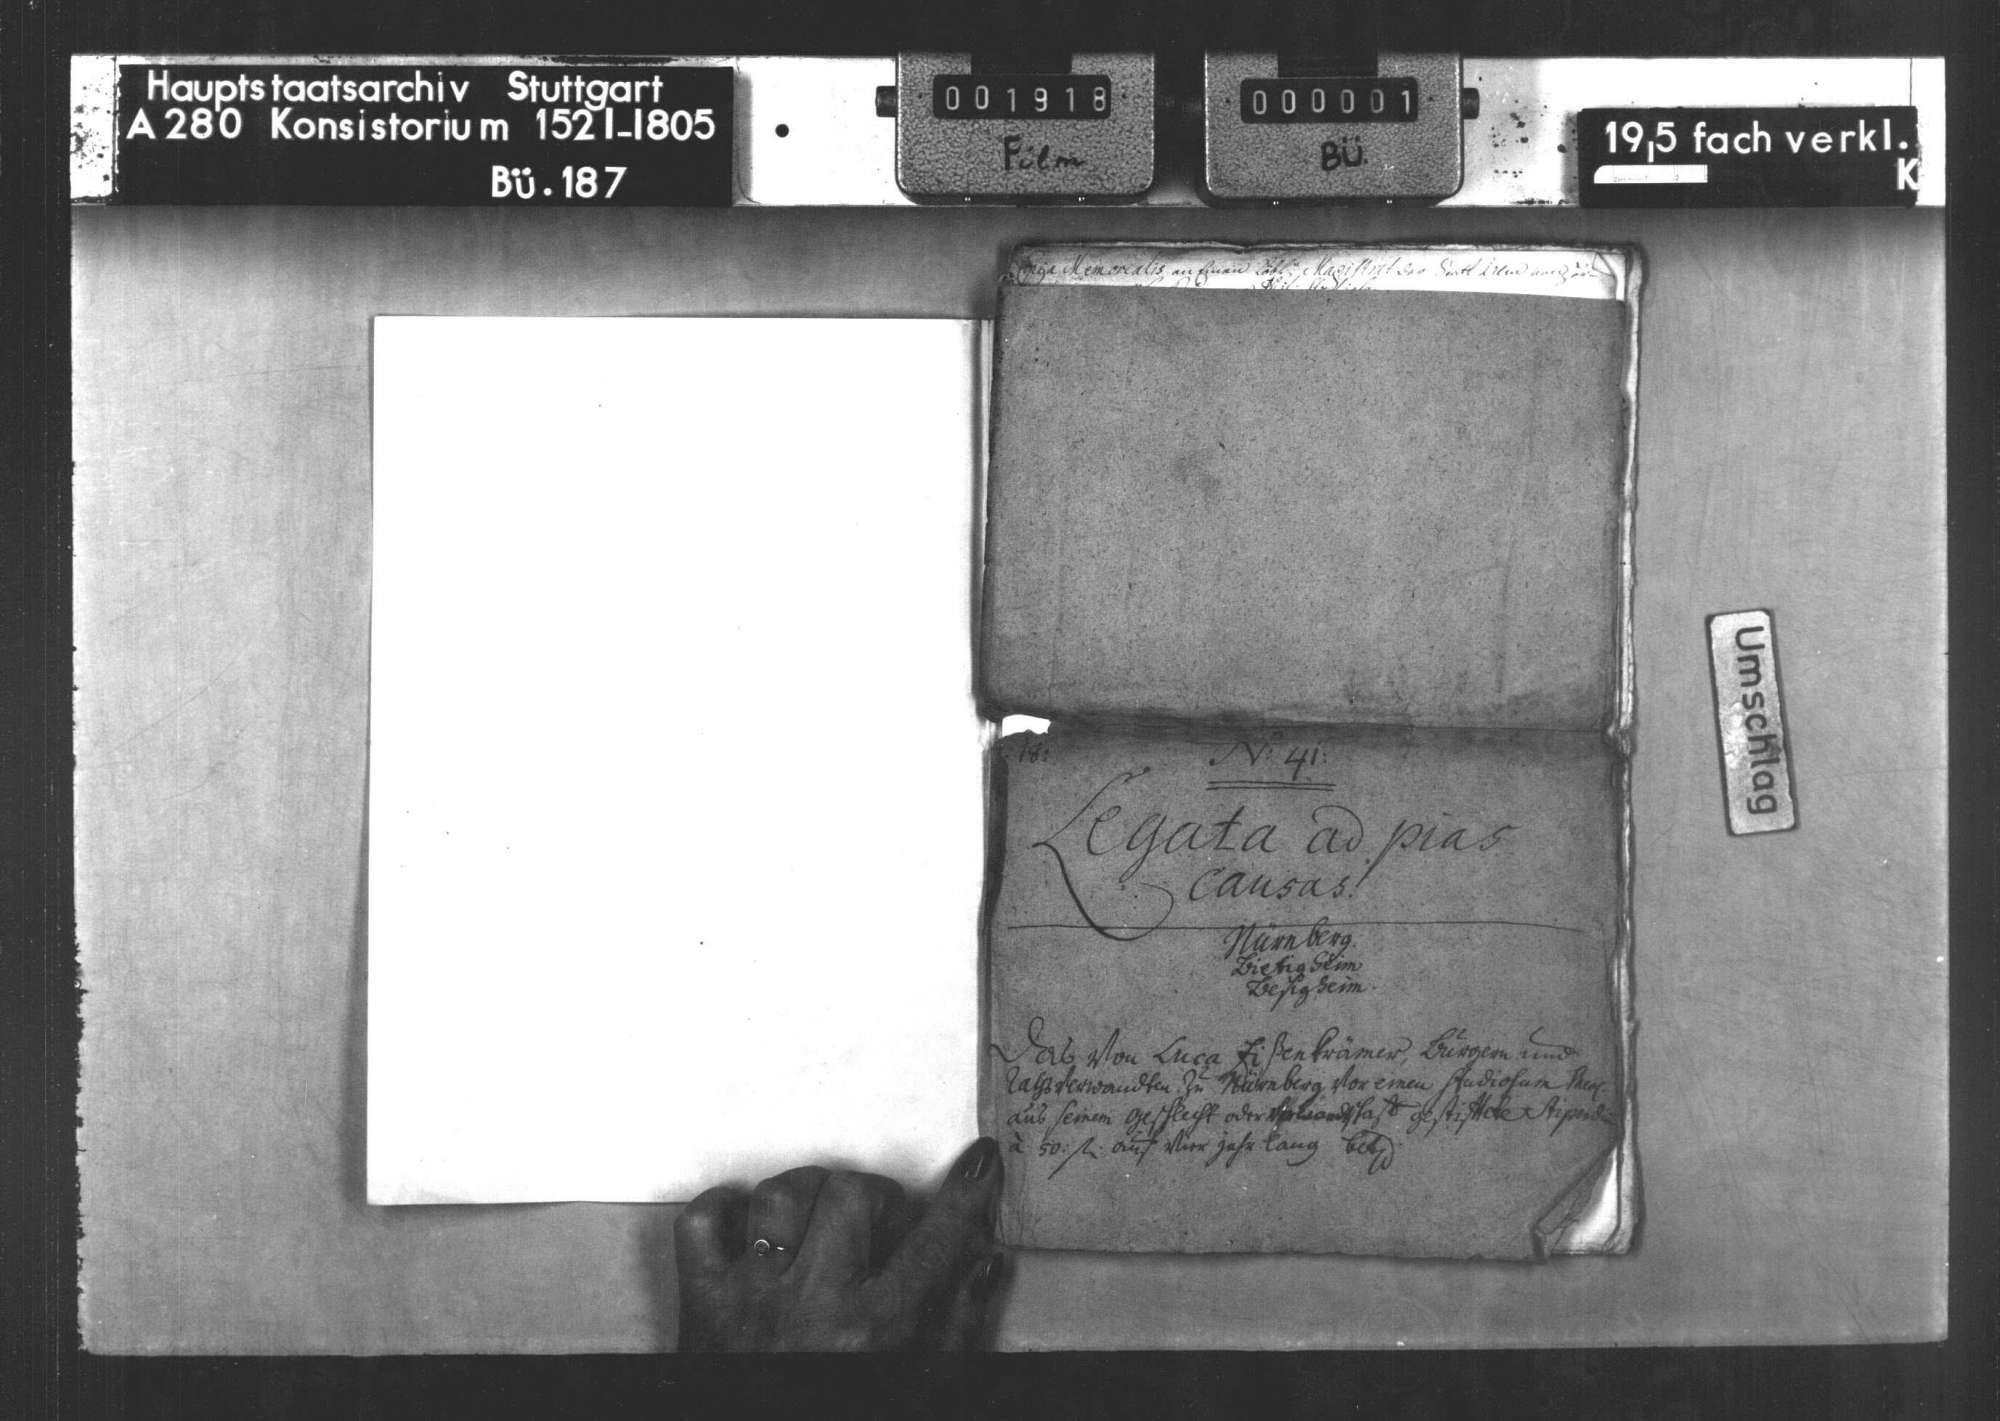 Anträge auf das Legat des Lukas Eisenkrämer, Bürgers und Ratsverwandten zu Nürnberg, für studierende Bürgersöhne von Nürnberg und Besigheim aus seinem Geschlecht oder seiner Verwandtschaft, Bild 2